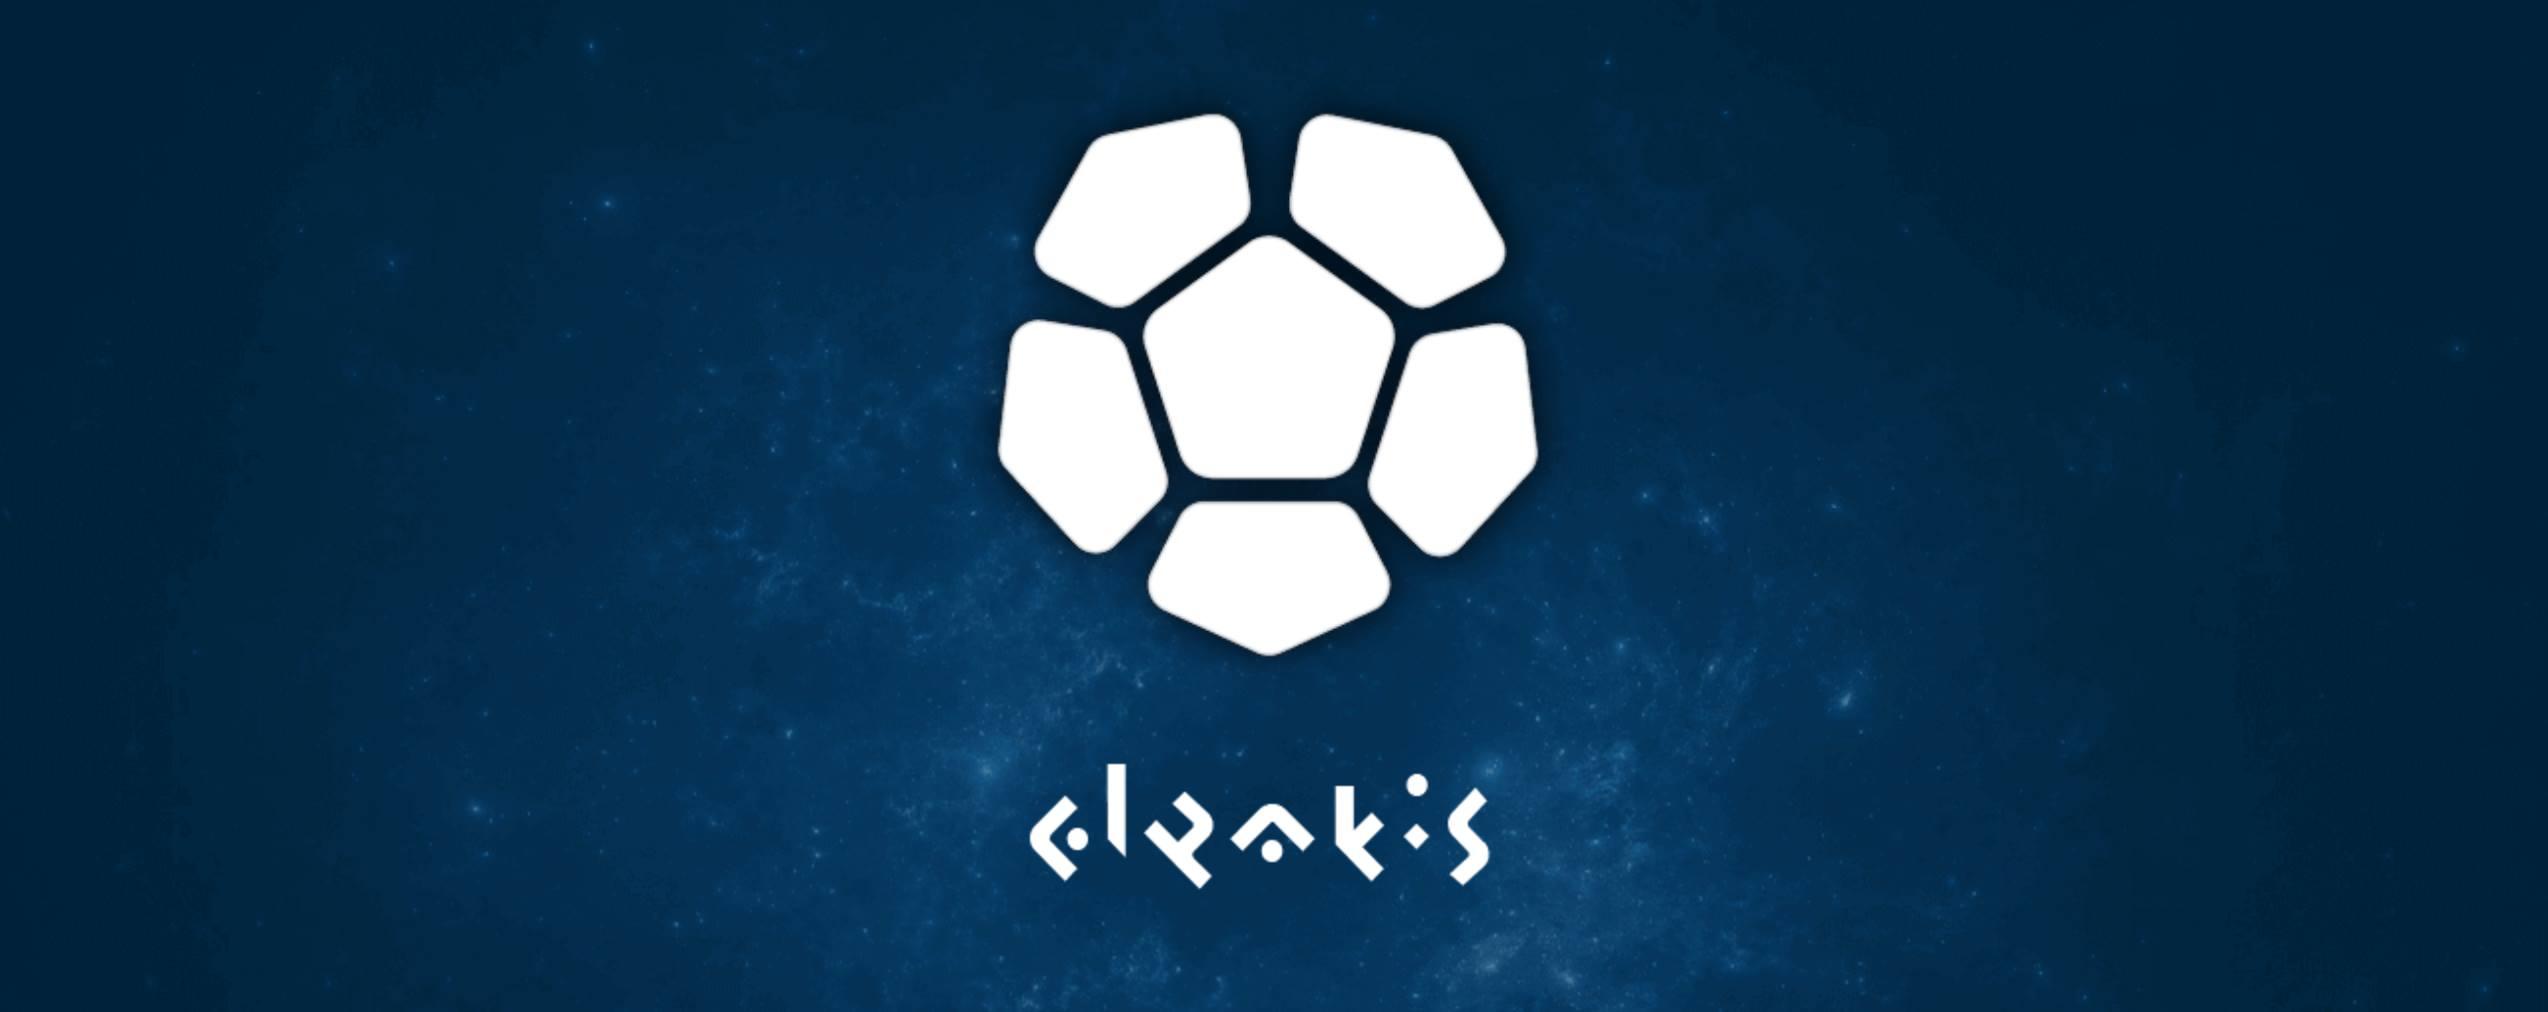 Elrakis